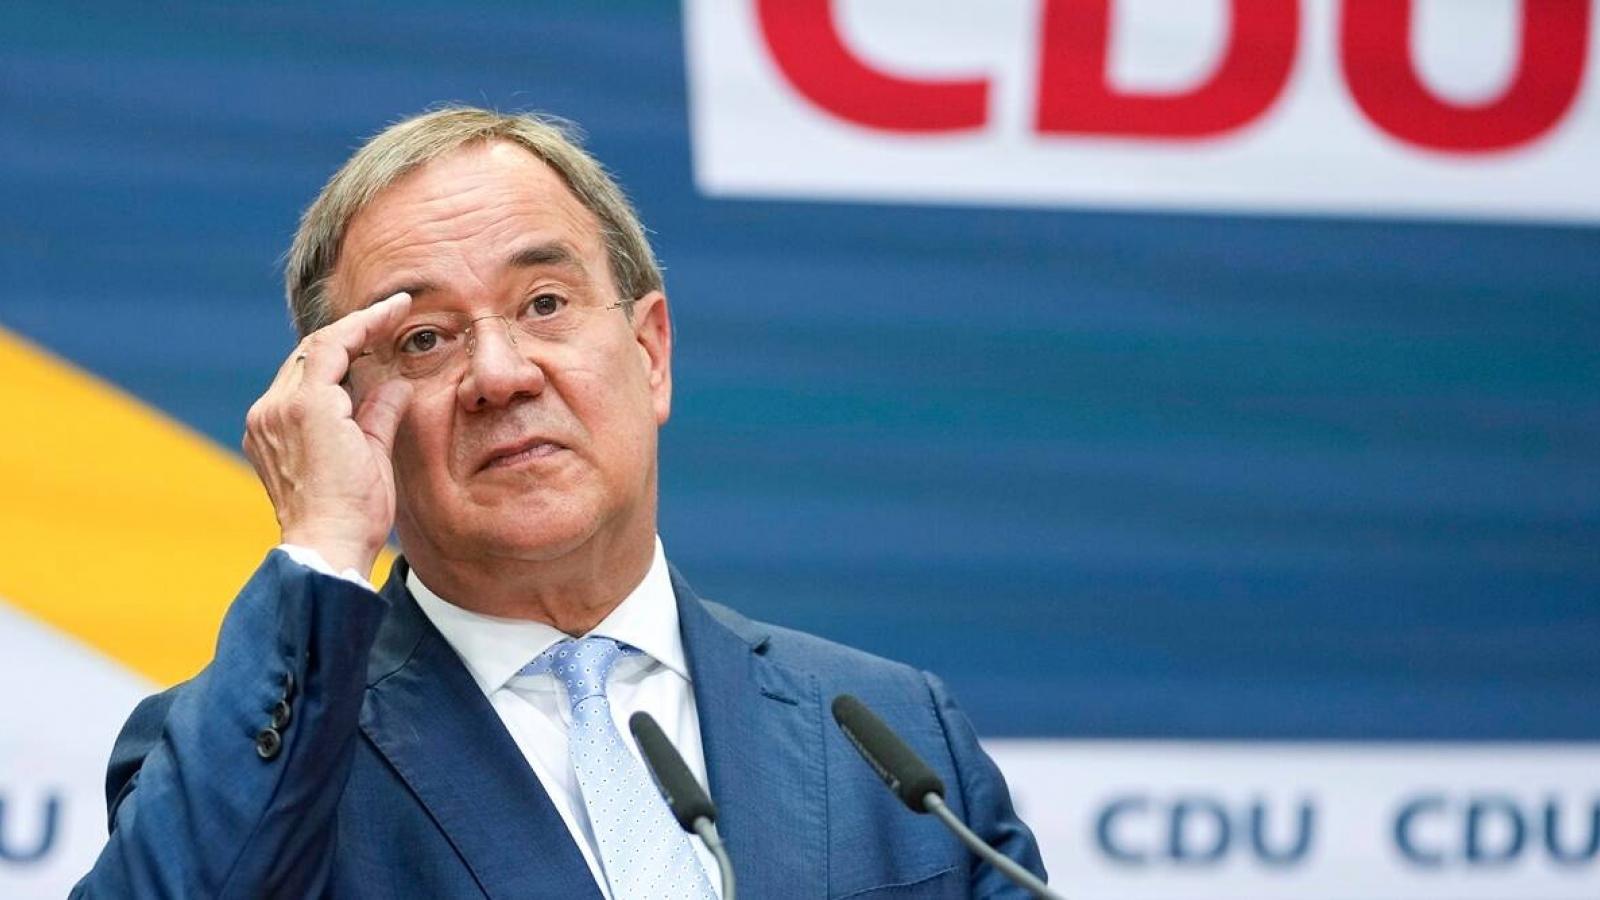 Lãnh đạo CDU Armin Laschet sẵn sàng từ chức sau thất bại trong cuộc bầu cử Đức